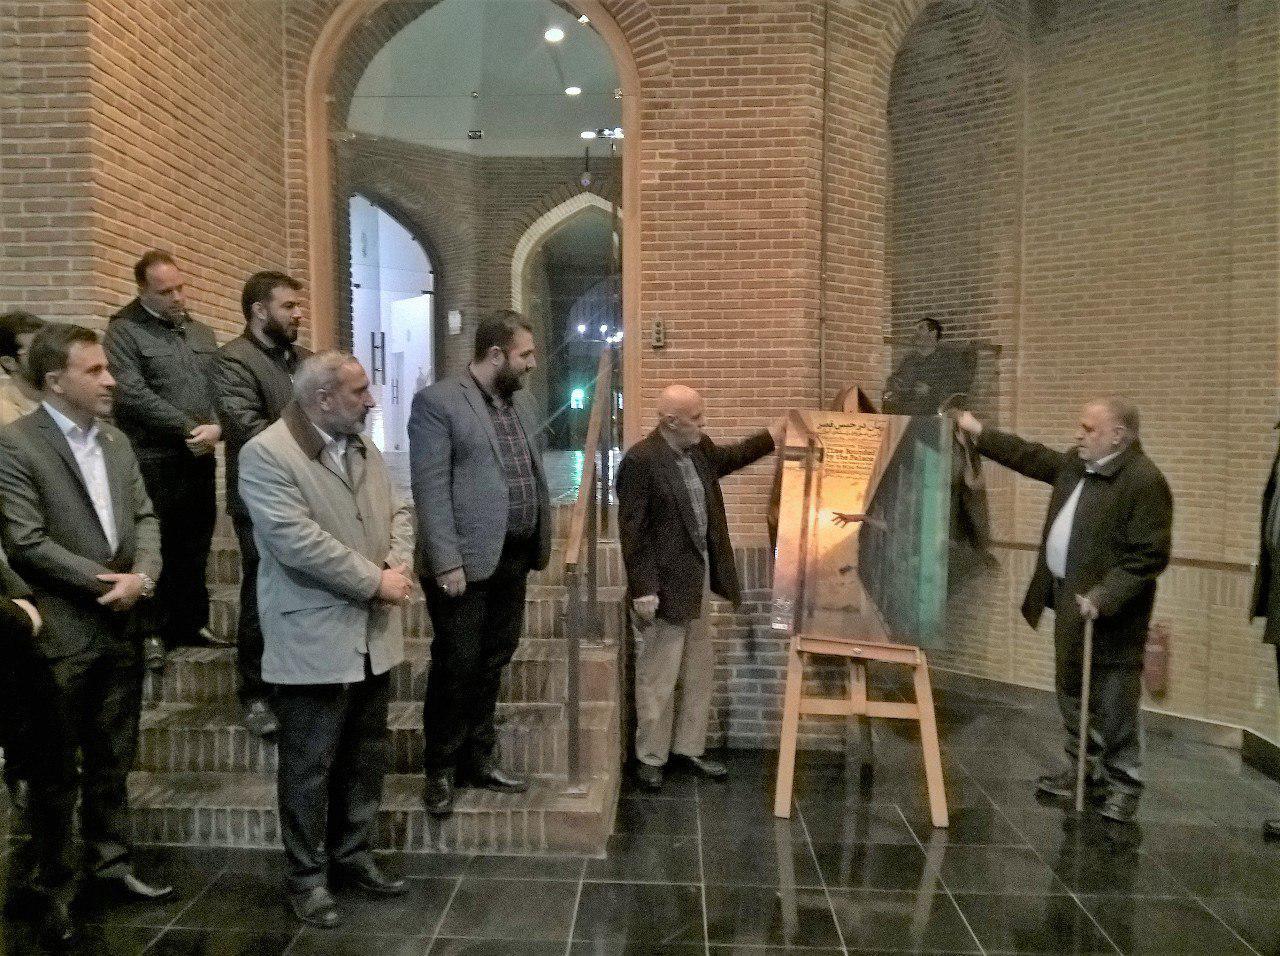 افتتاح نمایش زمان در حبس قصر با حضور زندانی معروف سیاسی